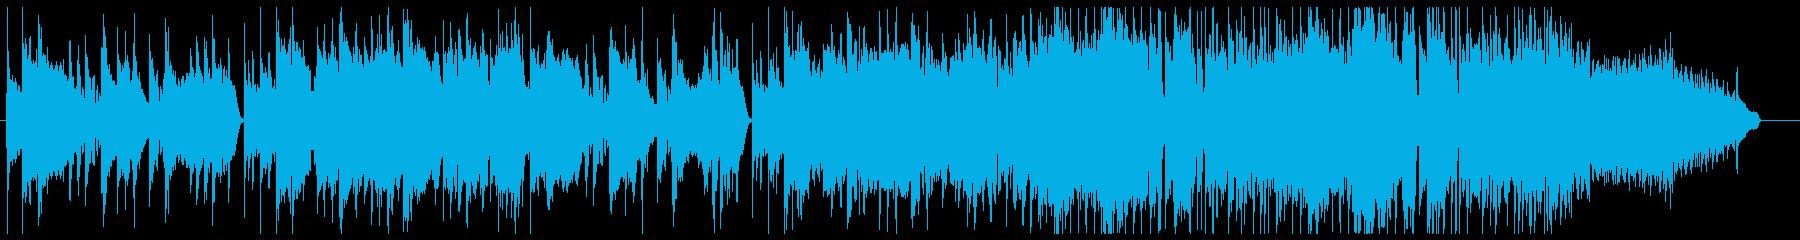 かっこいいファンクの再生済みの波形